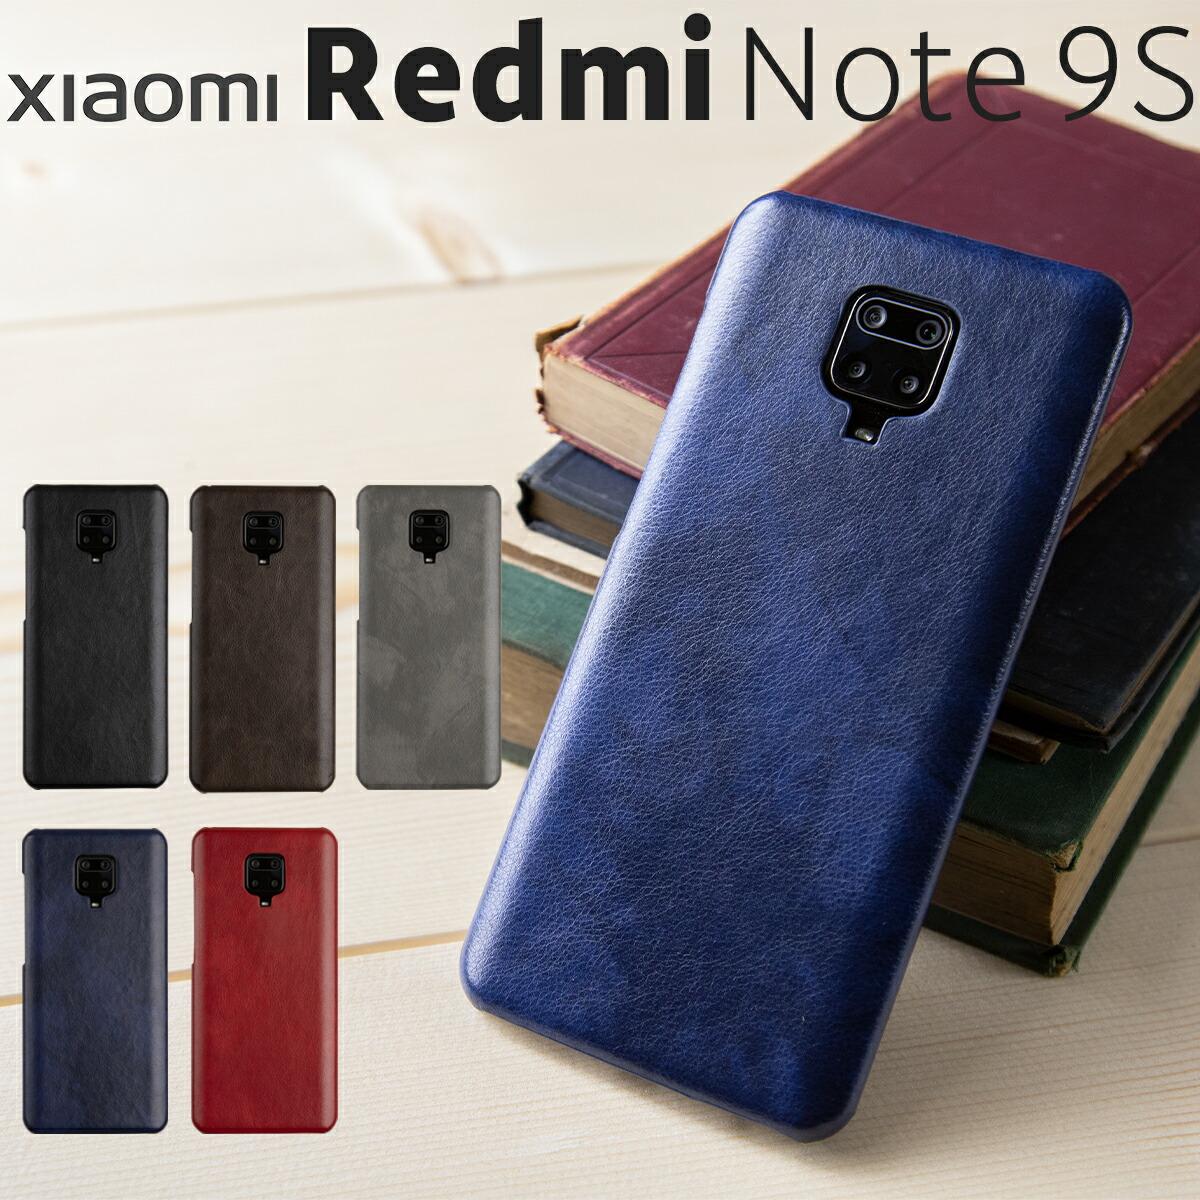 メール便送料無料 Redmi Note 9S レザーハードケース 商店 スマホケース 韓国 スマホ カバー レザー 革 ビジネス おしゃれ 送料無料 スマホカバー シャオミ 賜物 Xiaomi 人気 かっこいい